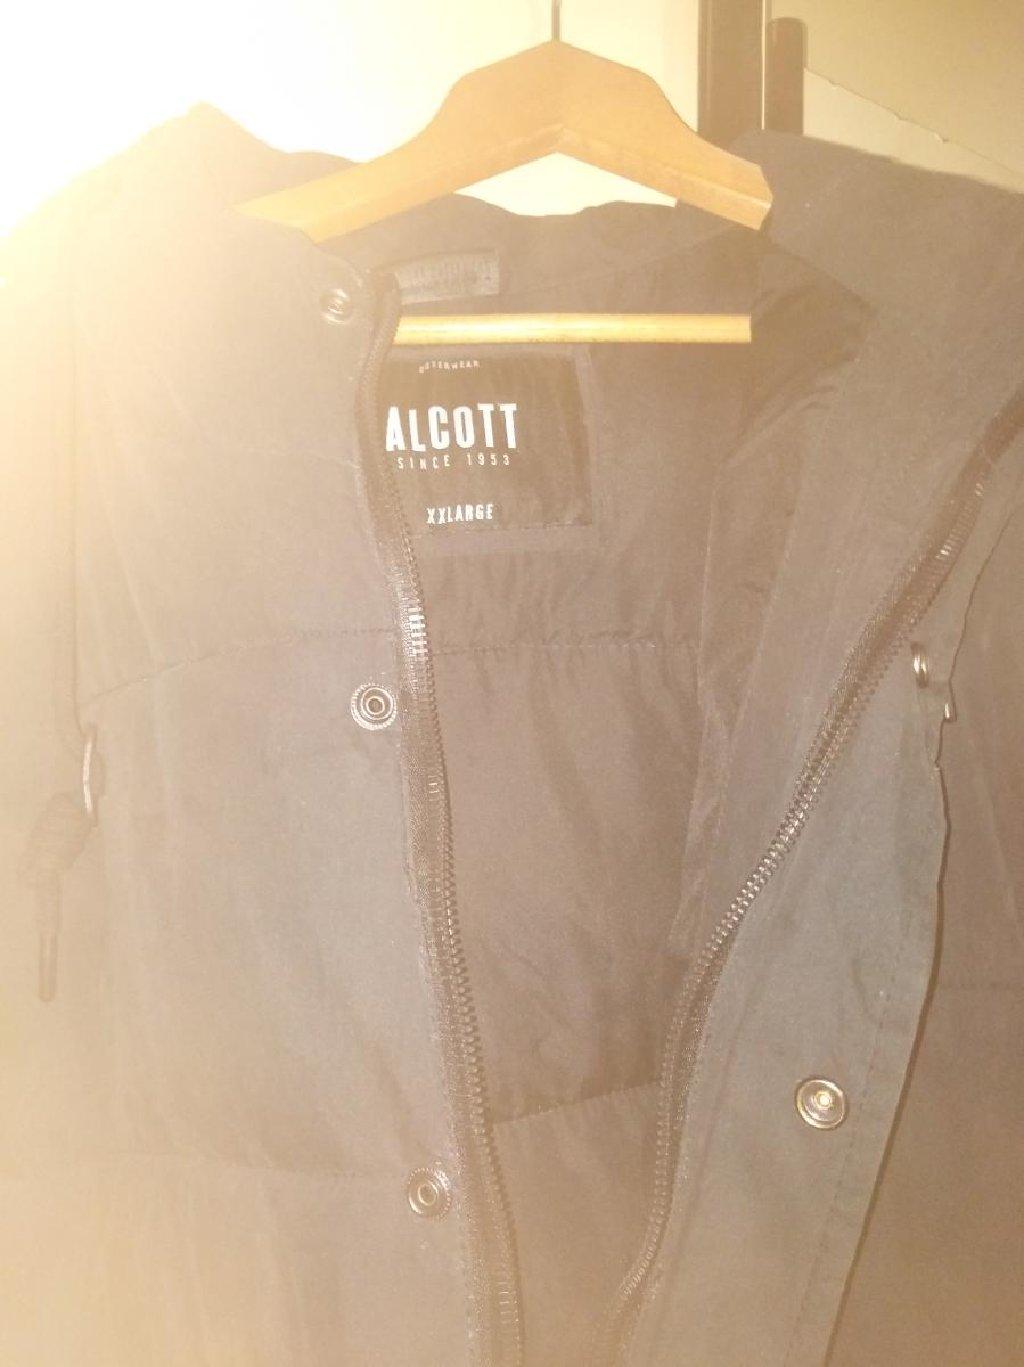 Perjana jakna, topla, lagana br. XXL, Crna, muška